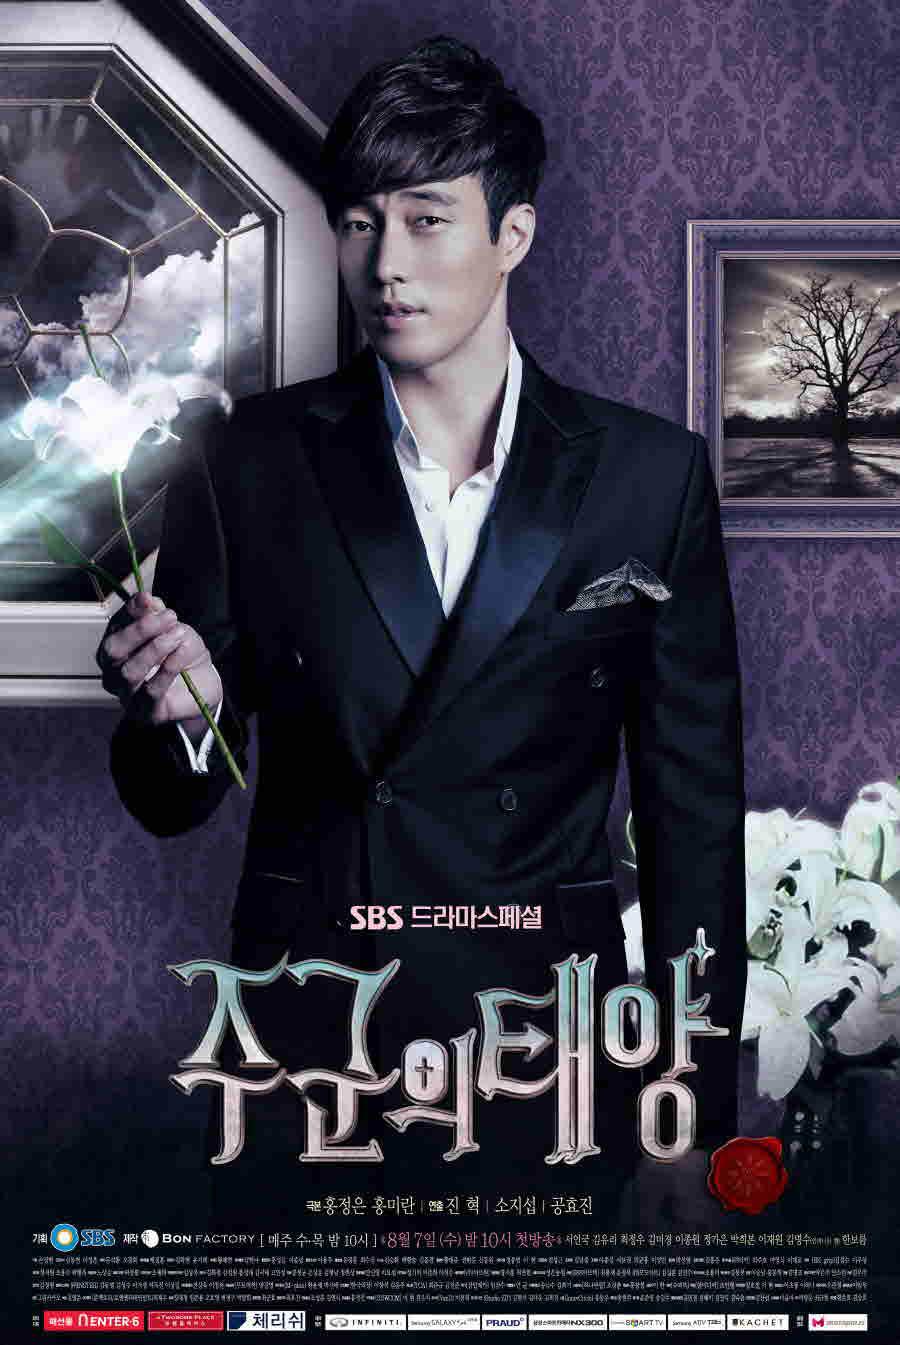 الدراما الكورية The Masters Sun شمس السيد سويت نونا